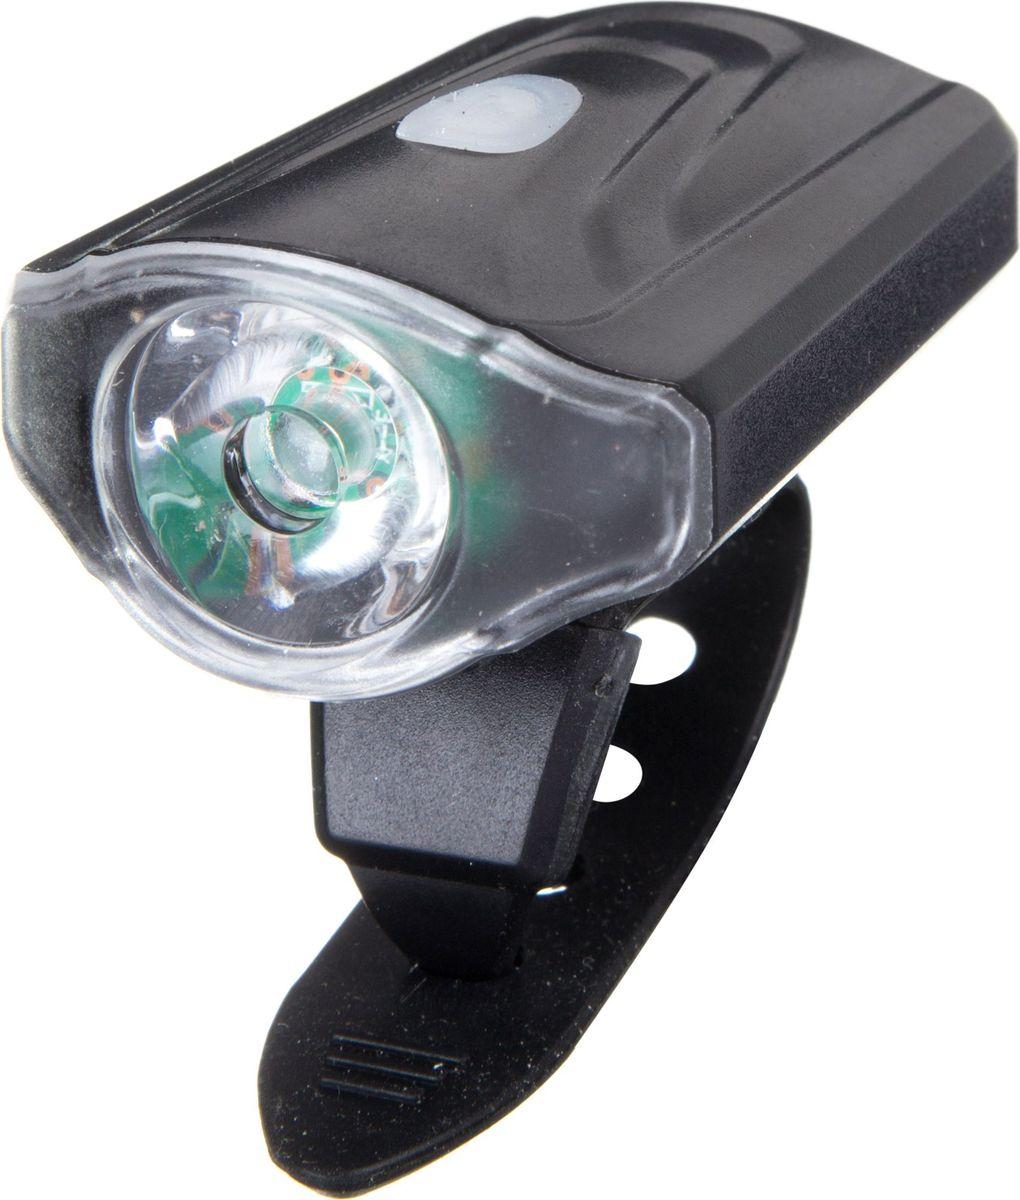 Фонарь велосипедный STG JY7043, передний, с зарядкой от USBХ81482Передний велофонарь STG JY7043 предназначен для обеспечения большей безопасности при поездках в темное время суток. Он легко крепится и снимается без дополнительных инструментов. Корпус изделия выполнен из прочного алюминия, пластика и резины. Фонарь имеет 3 режима: 100% свечение (5 часа), 50% свечение (10часа), мерцание (15 часа).Фонарь питается от литиевой батарейки (3,7V/550mAh), заряжающегося от компьютера при помощи USB кабеля.